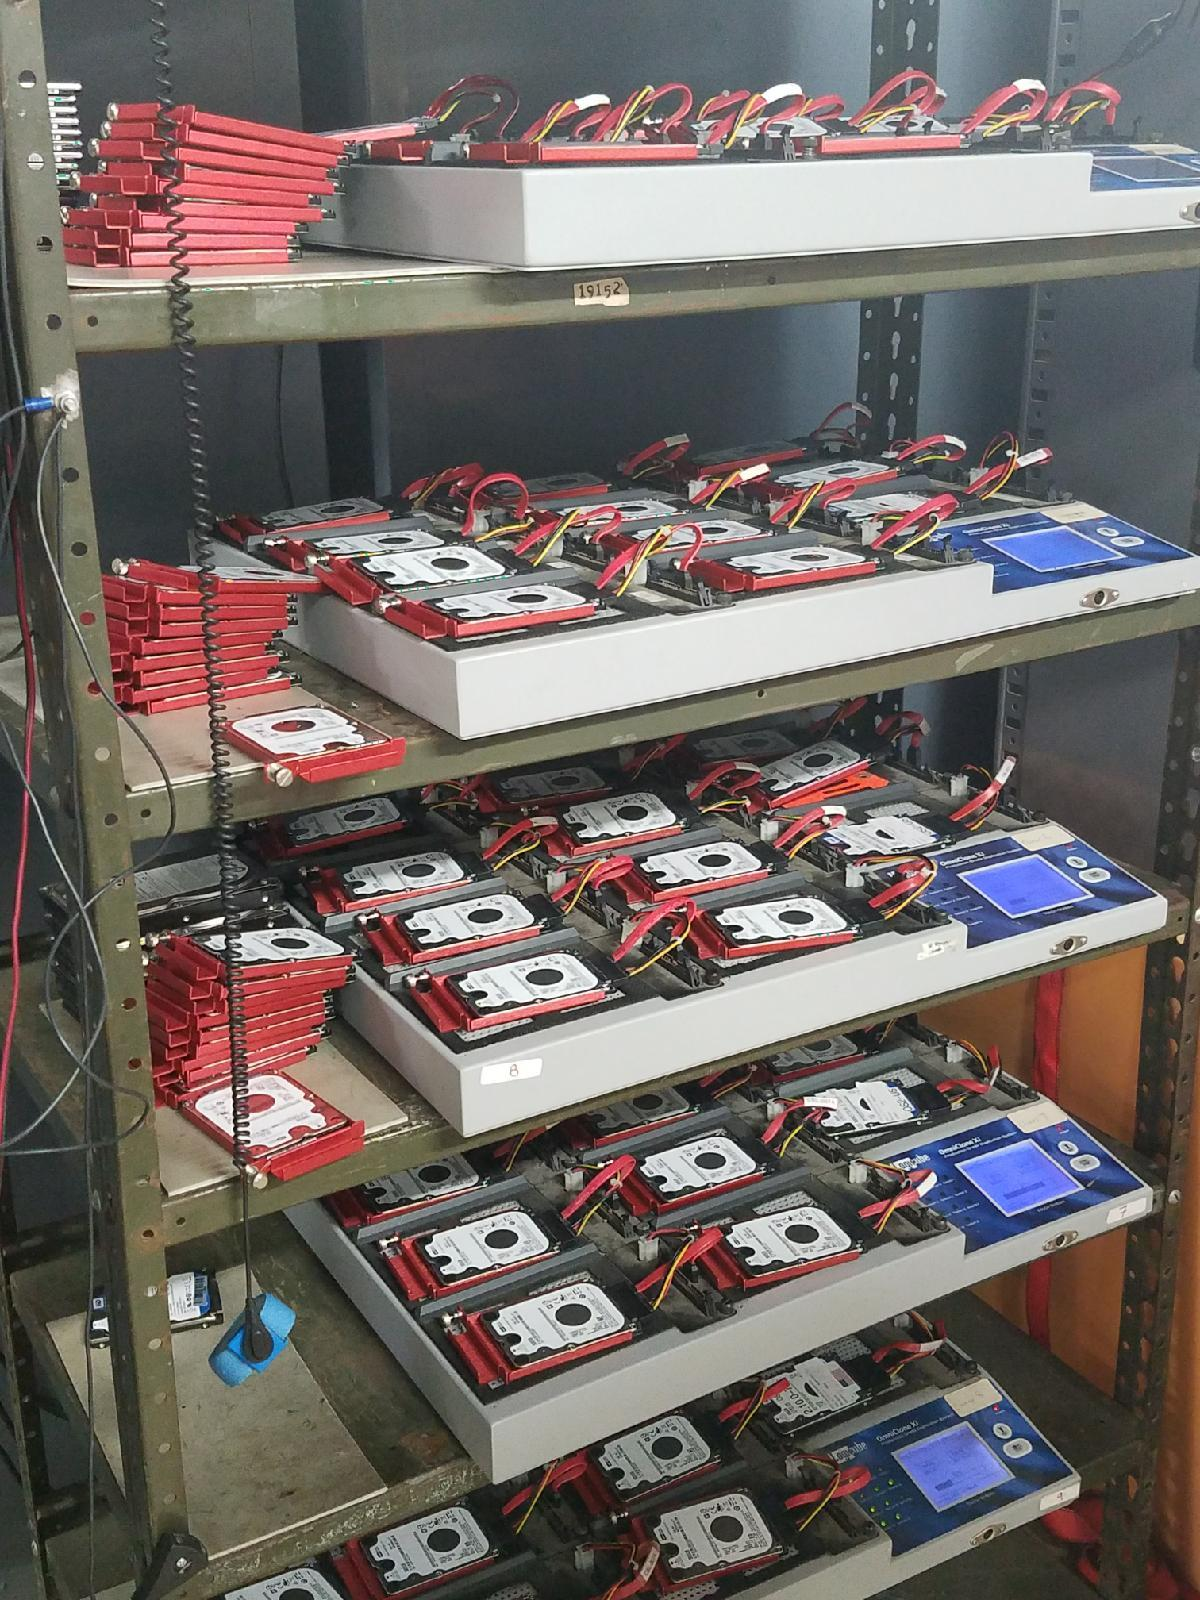 hard drive formatting and duplication for digital kiosk repair